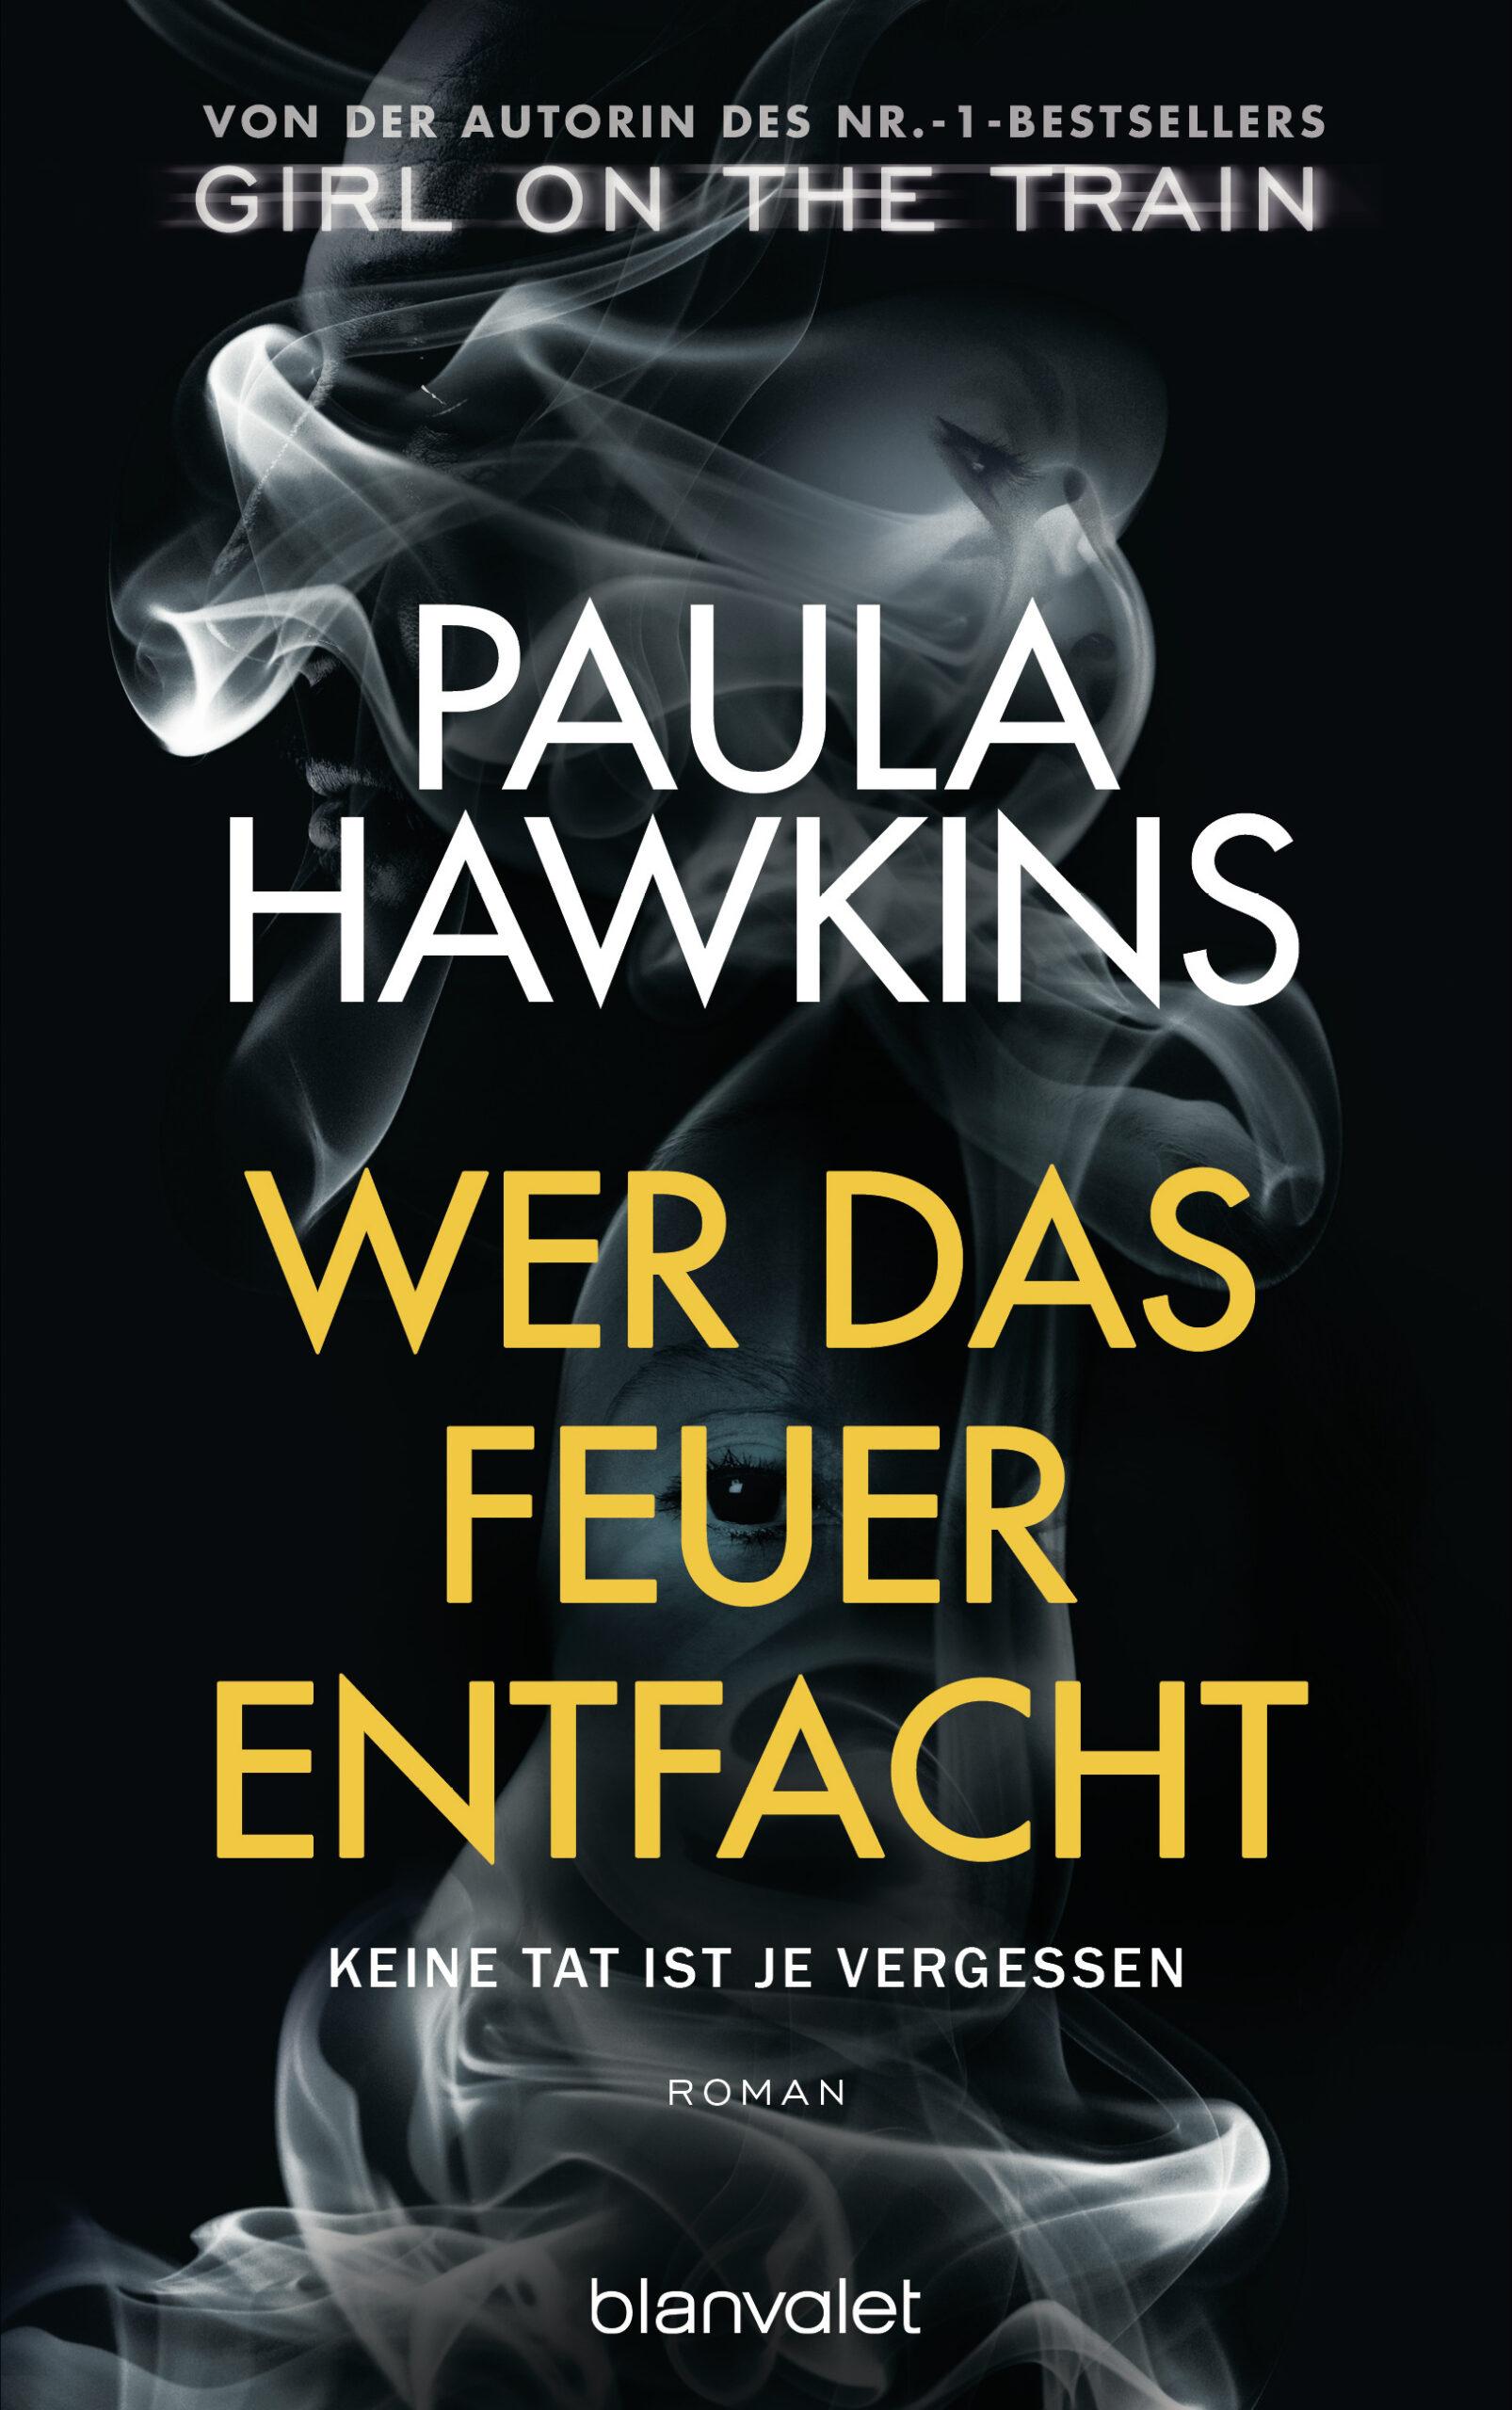 Wer das Feuer entfachtKeine Tat ist je vergessen von Paula Hawkins